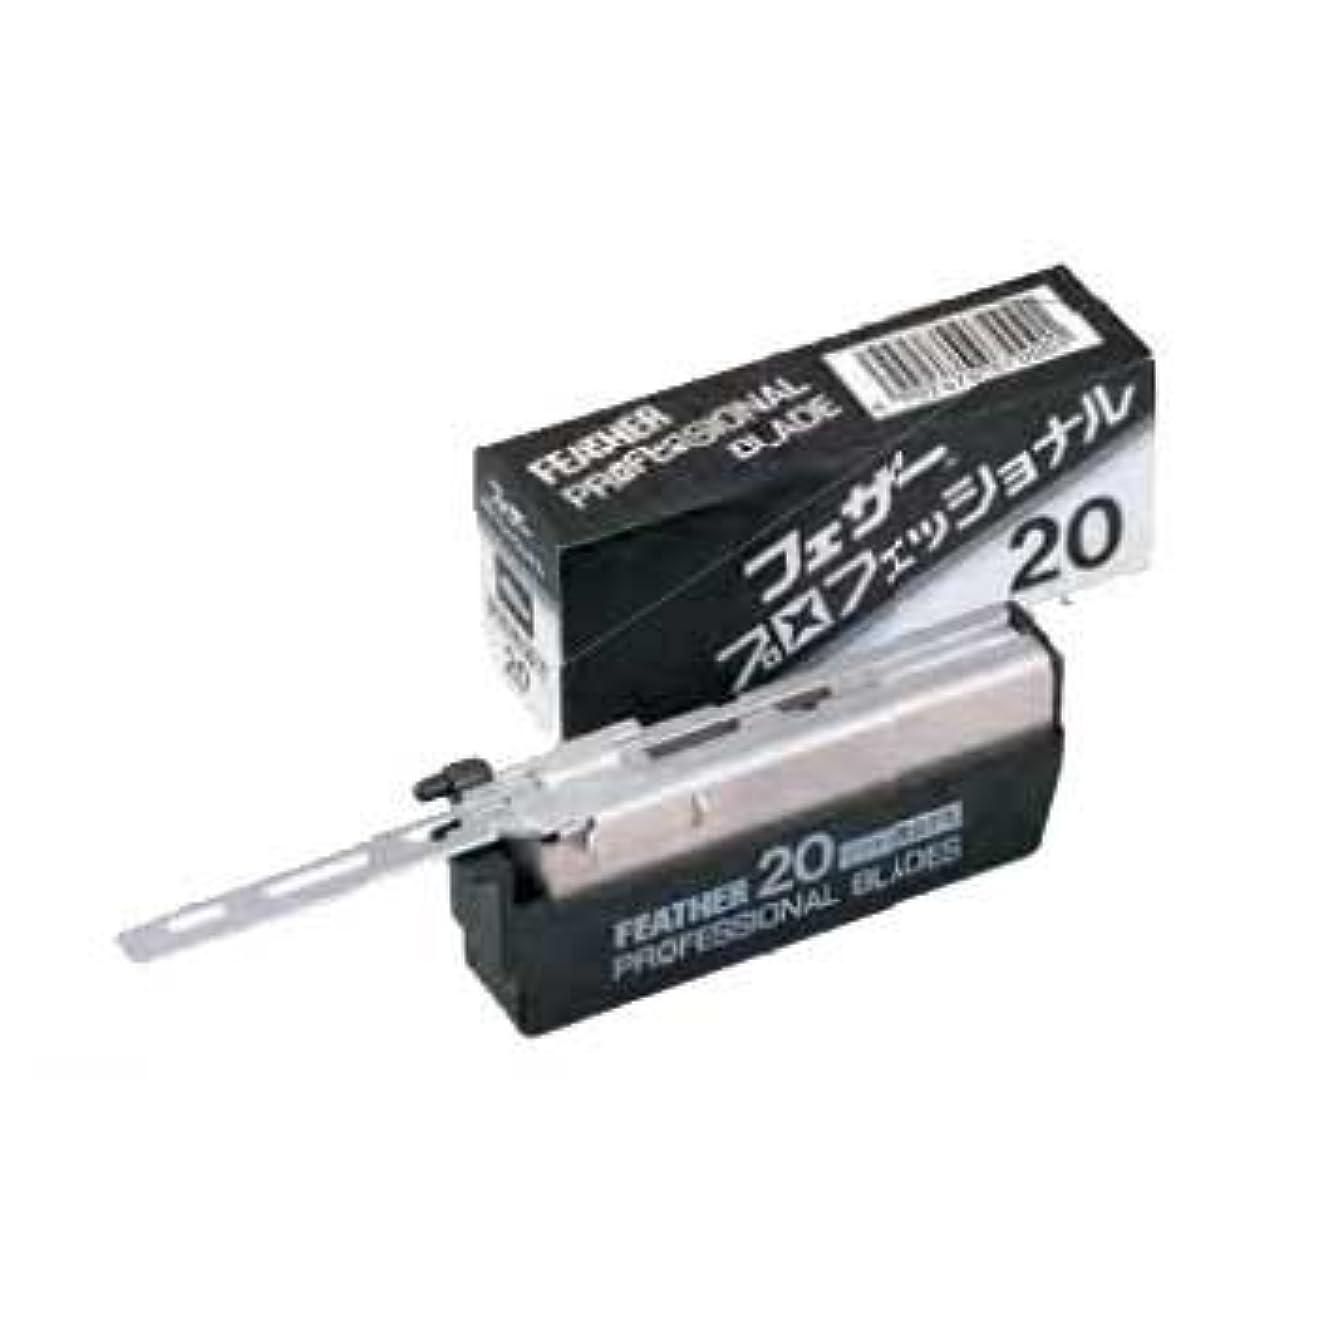 製作たぶん記念フェザー プロフェッショナル標準刃 PB-20 20枚×10 替刃 発売以来永年支持され続けるベーシックタイプはあらゆるヒゲに対応 FEATHER アーティストクラブ用替刃